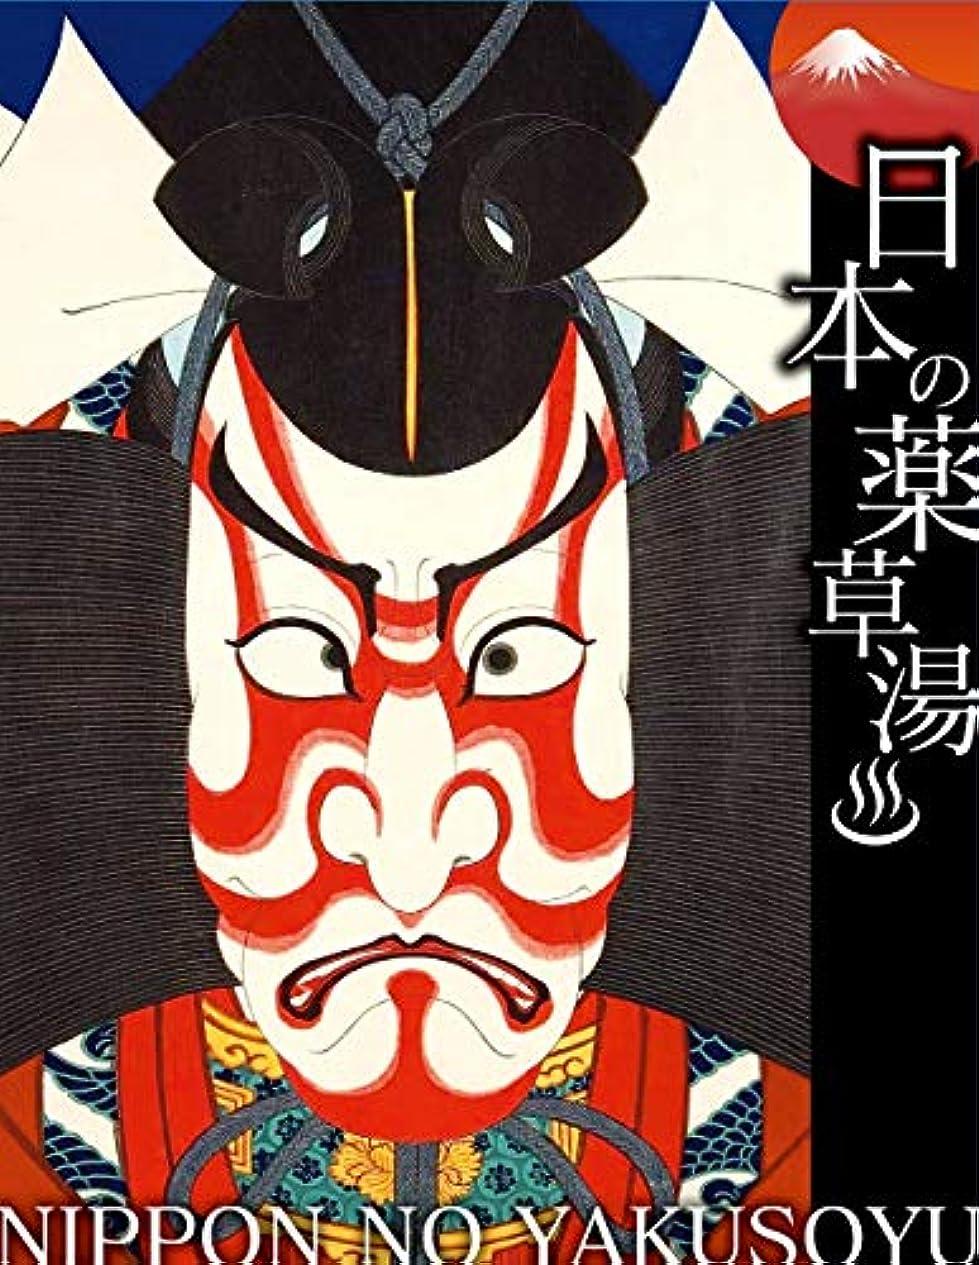 ヘクタール大事にする特別な日本の薬草湯 碓井荒太郎貞光 市川海老蔵 二九亭白猿